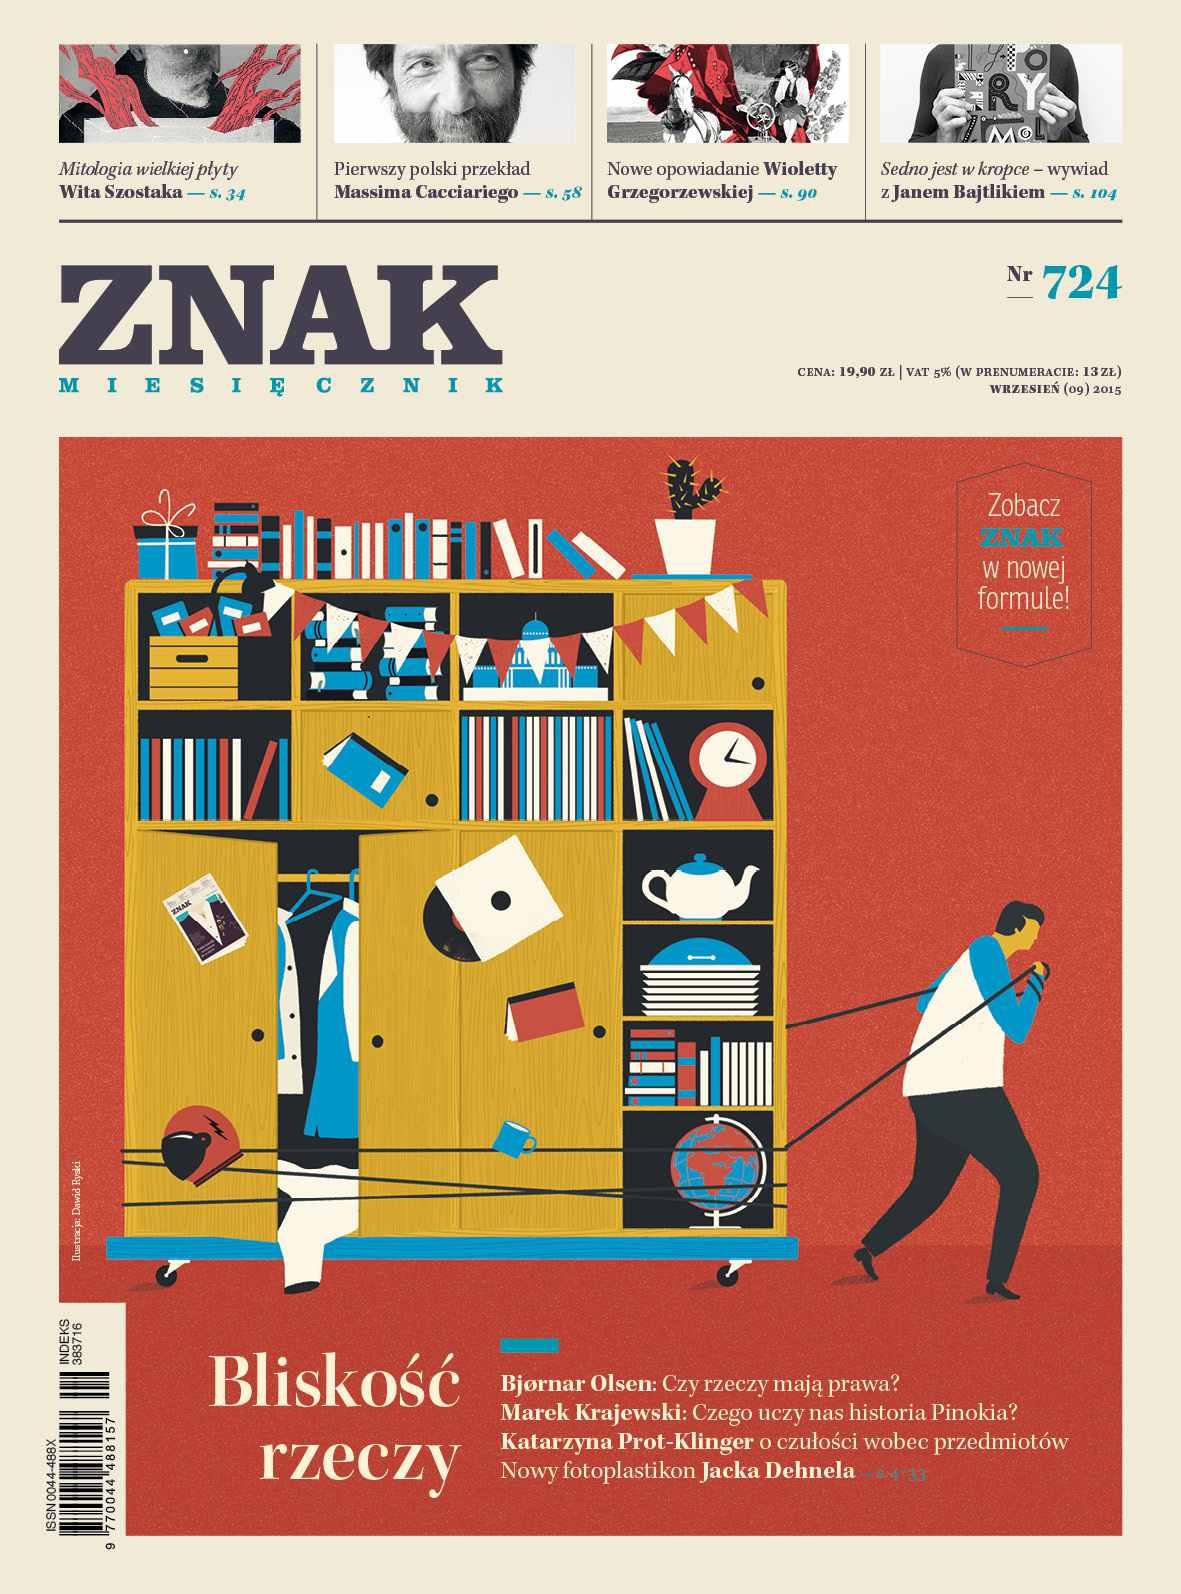 Bliskość rzeczy. Miesięcznik Znak - Ebook (Książka EPUB) do pobrania w formacie EPUB